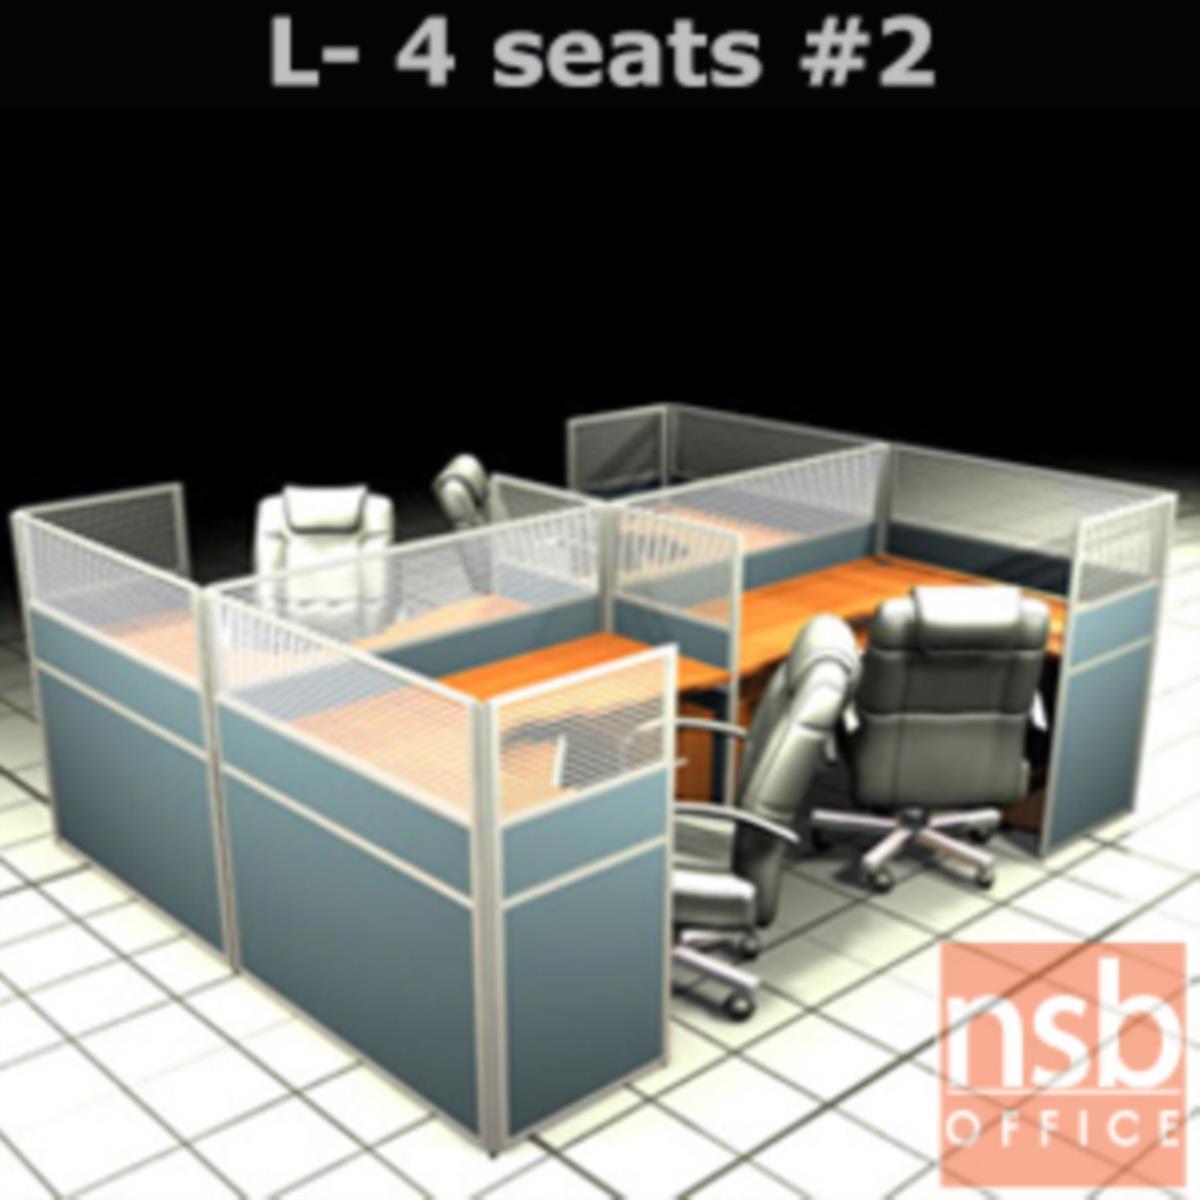 A04A110:ชุดโต๊ะทำงานกลุ่มตัวแอล 4 ที่นั่ง   ขนาดรวม 306W*246D cm. พร้อมพาร์ทิชั่นครึ่งกระจกขัดลาย